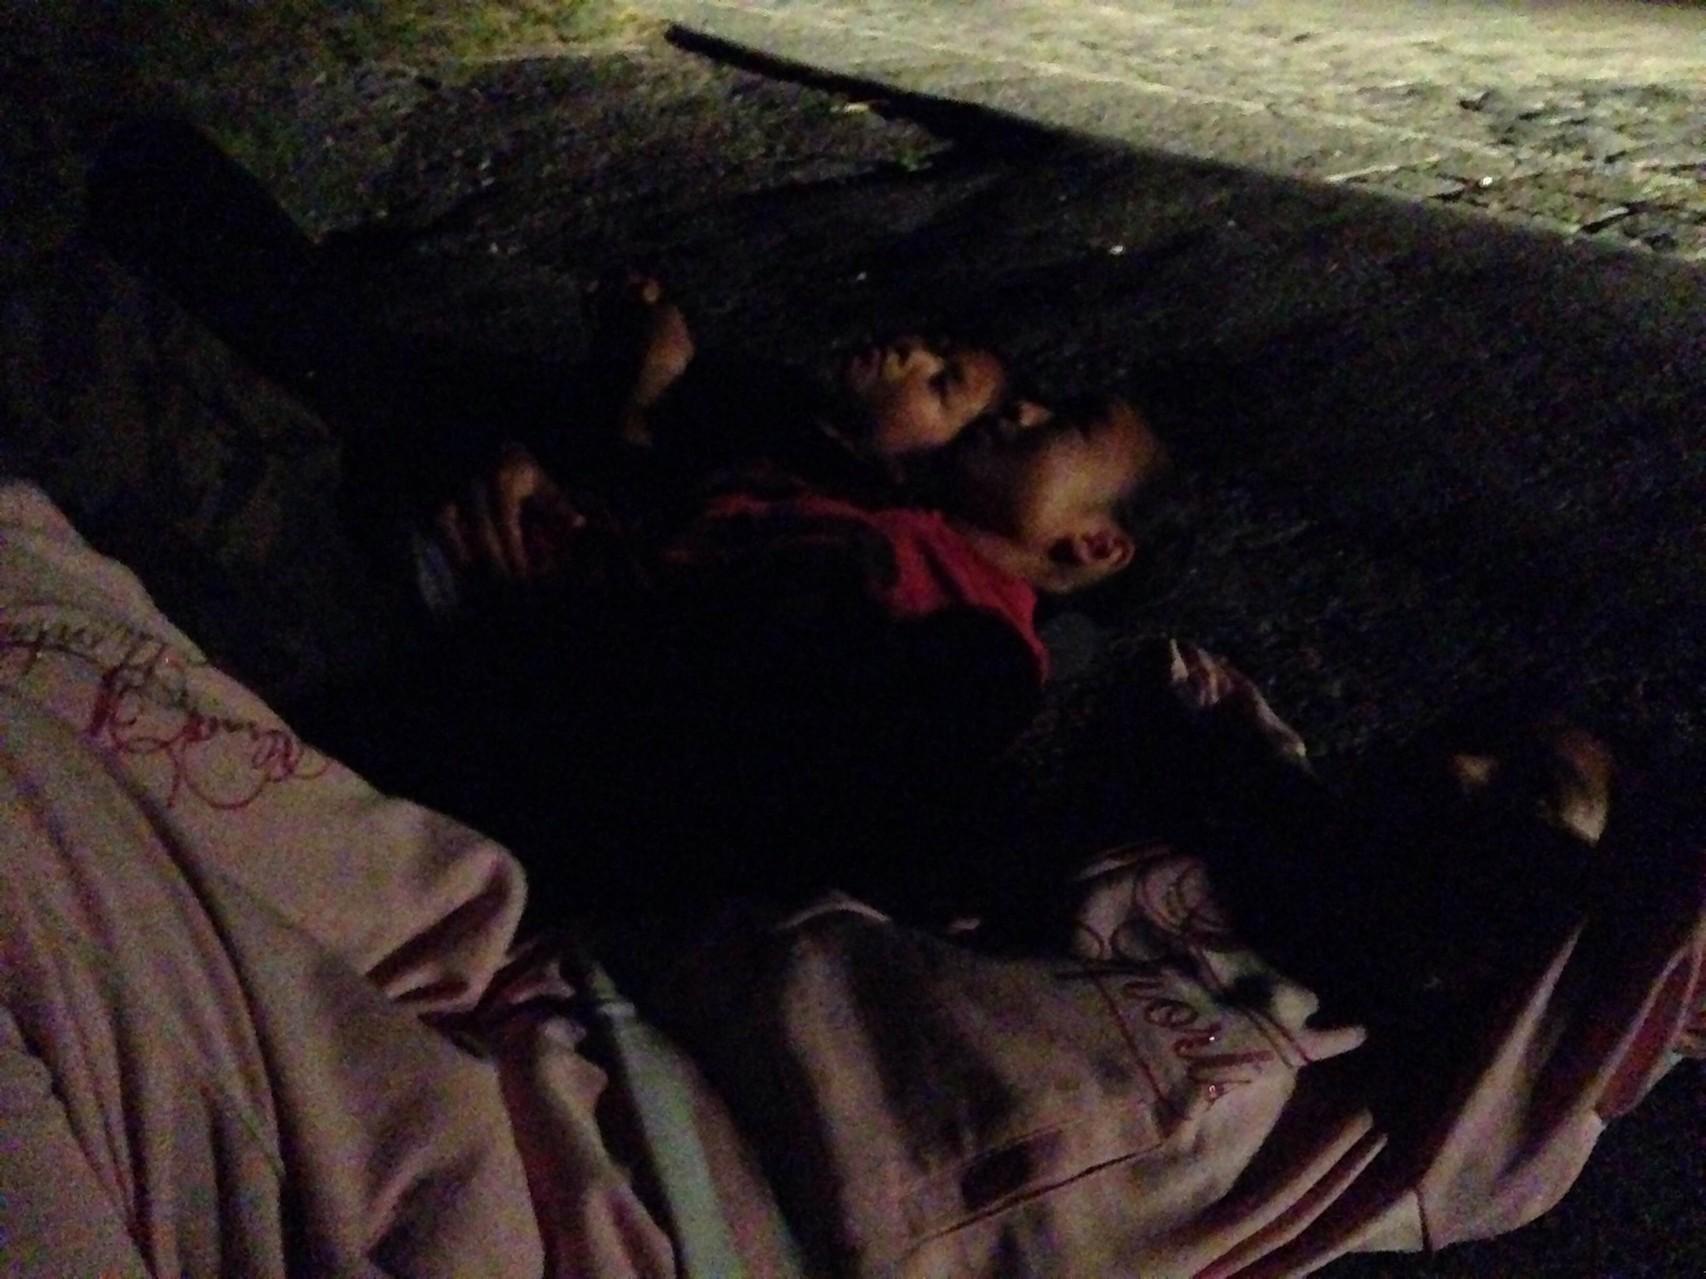 ナイトウォーキングでは、寝転がって流れ星を待ったりしました☆